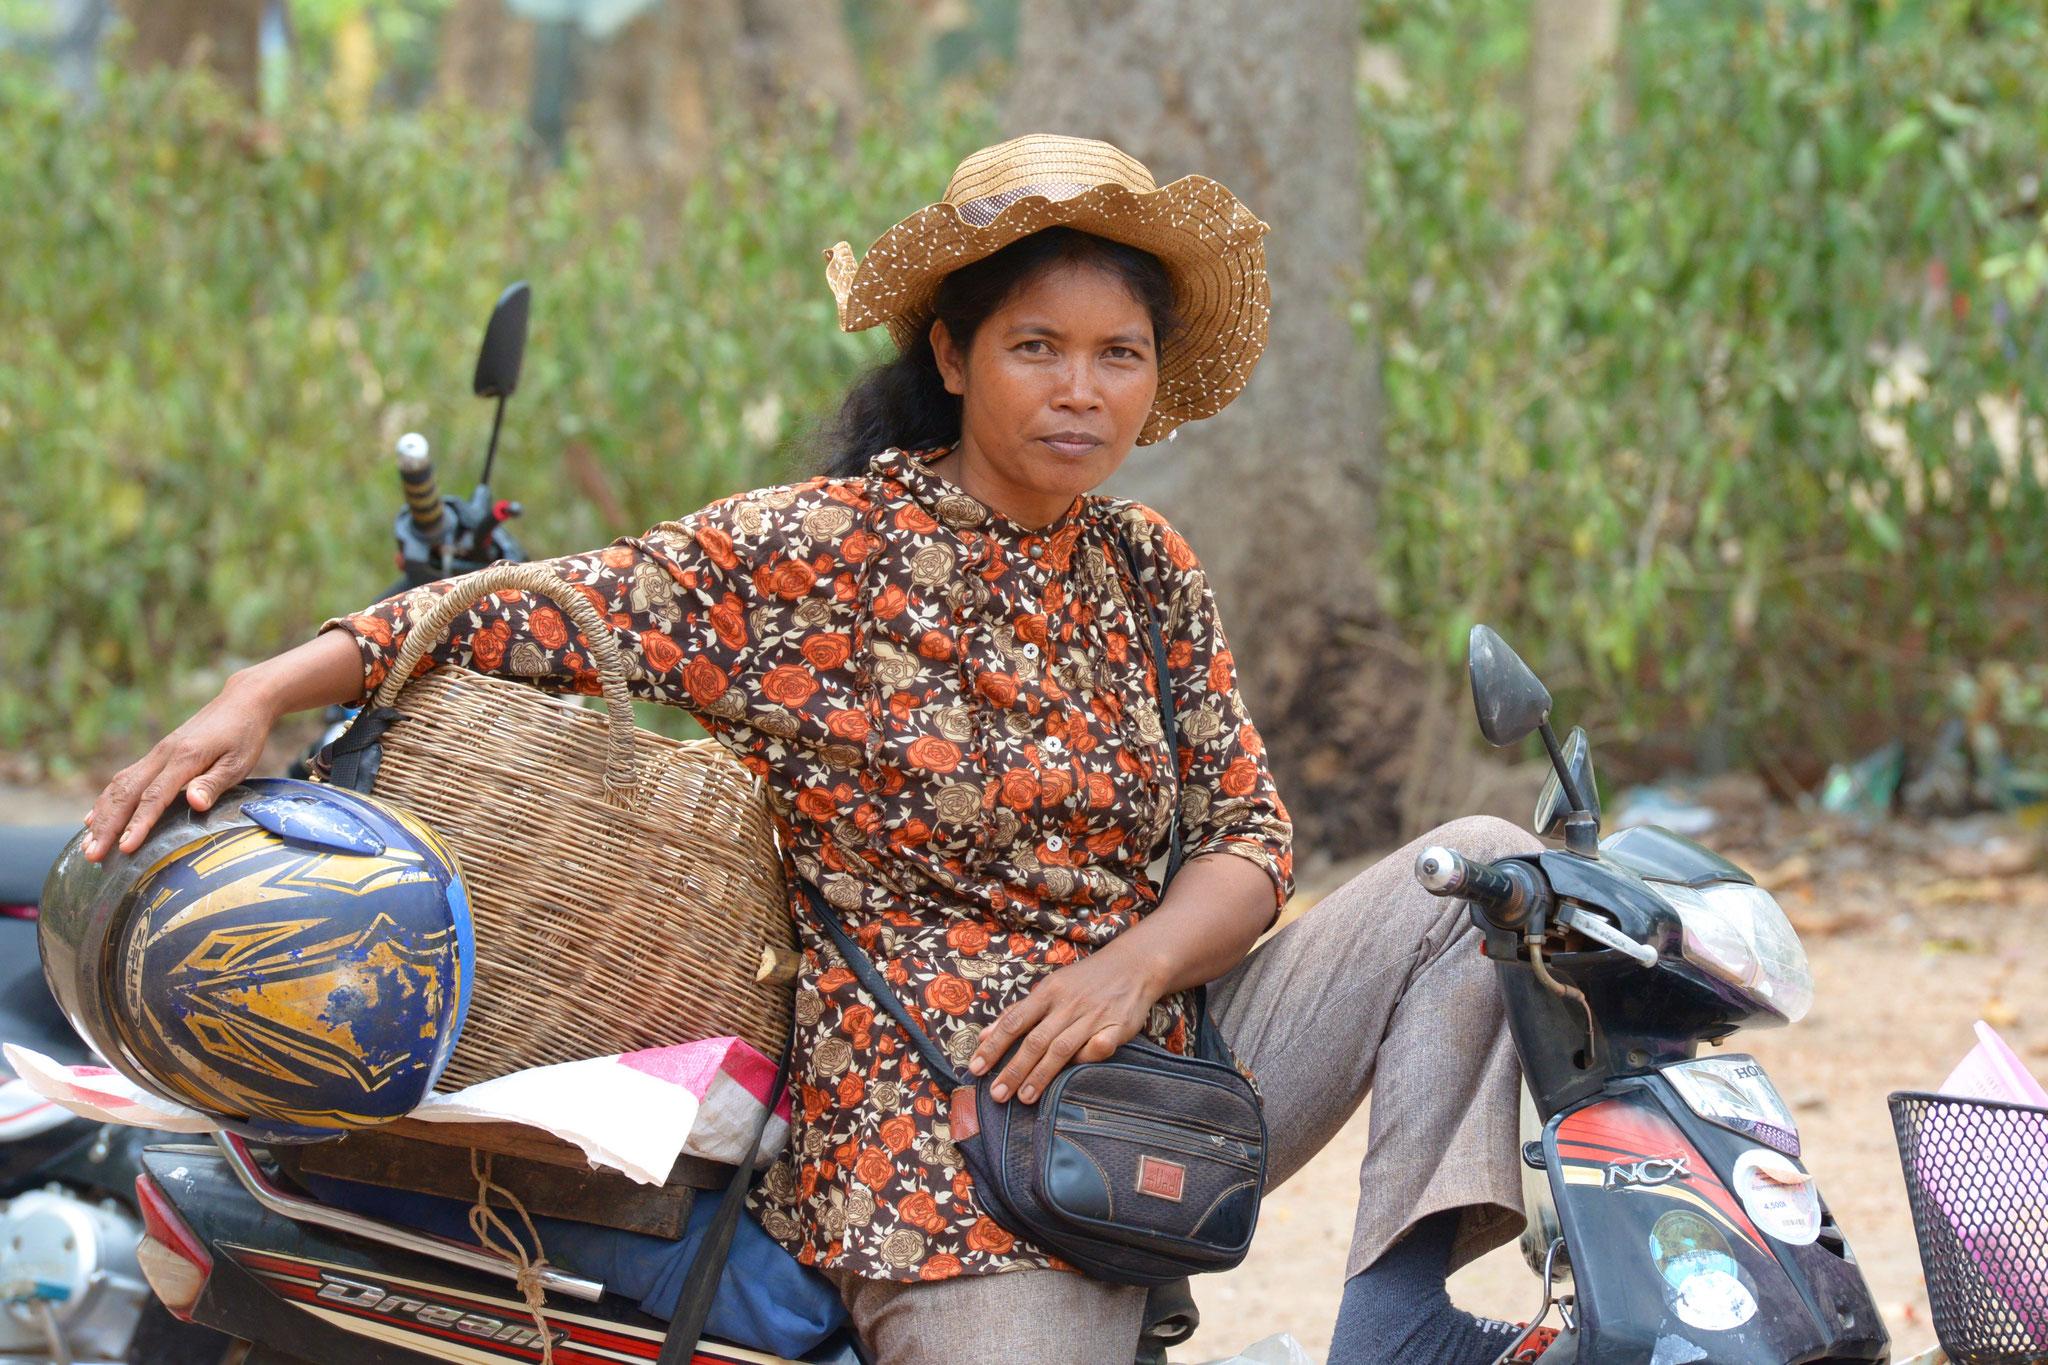 Tag 11 - Wir starten die Tempel-Besichtigung in Angkor Thom